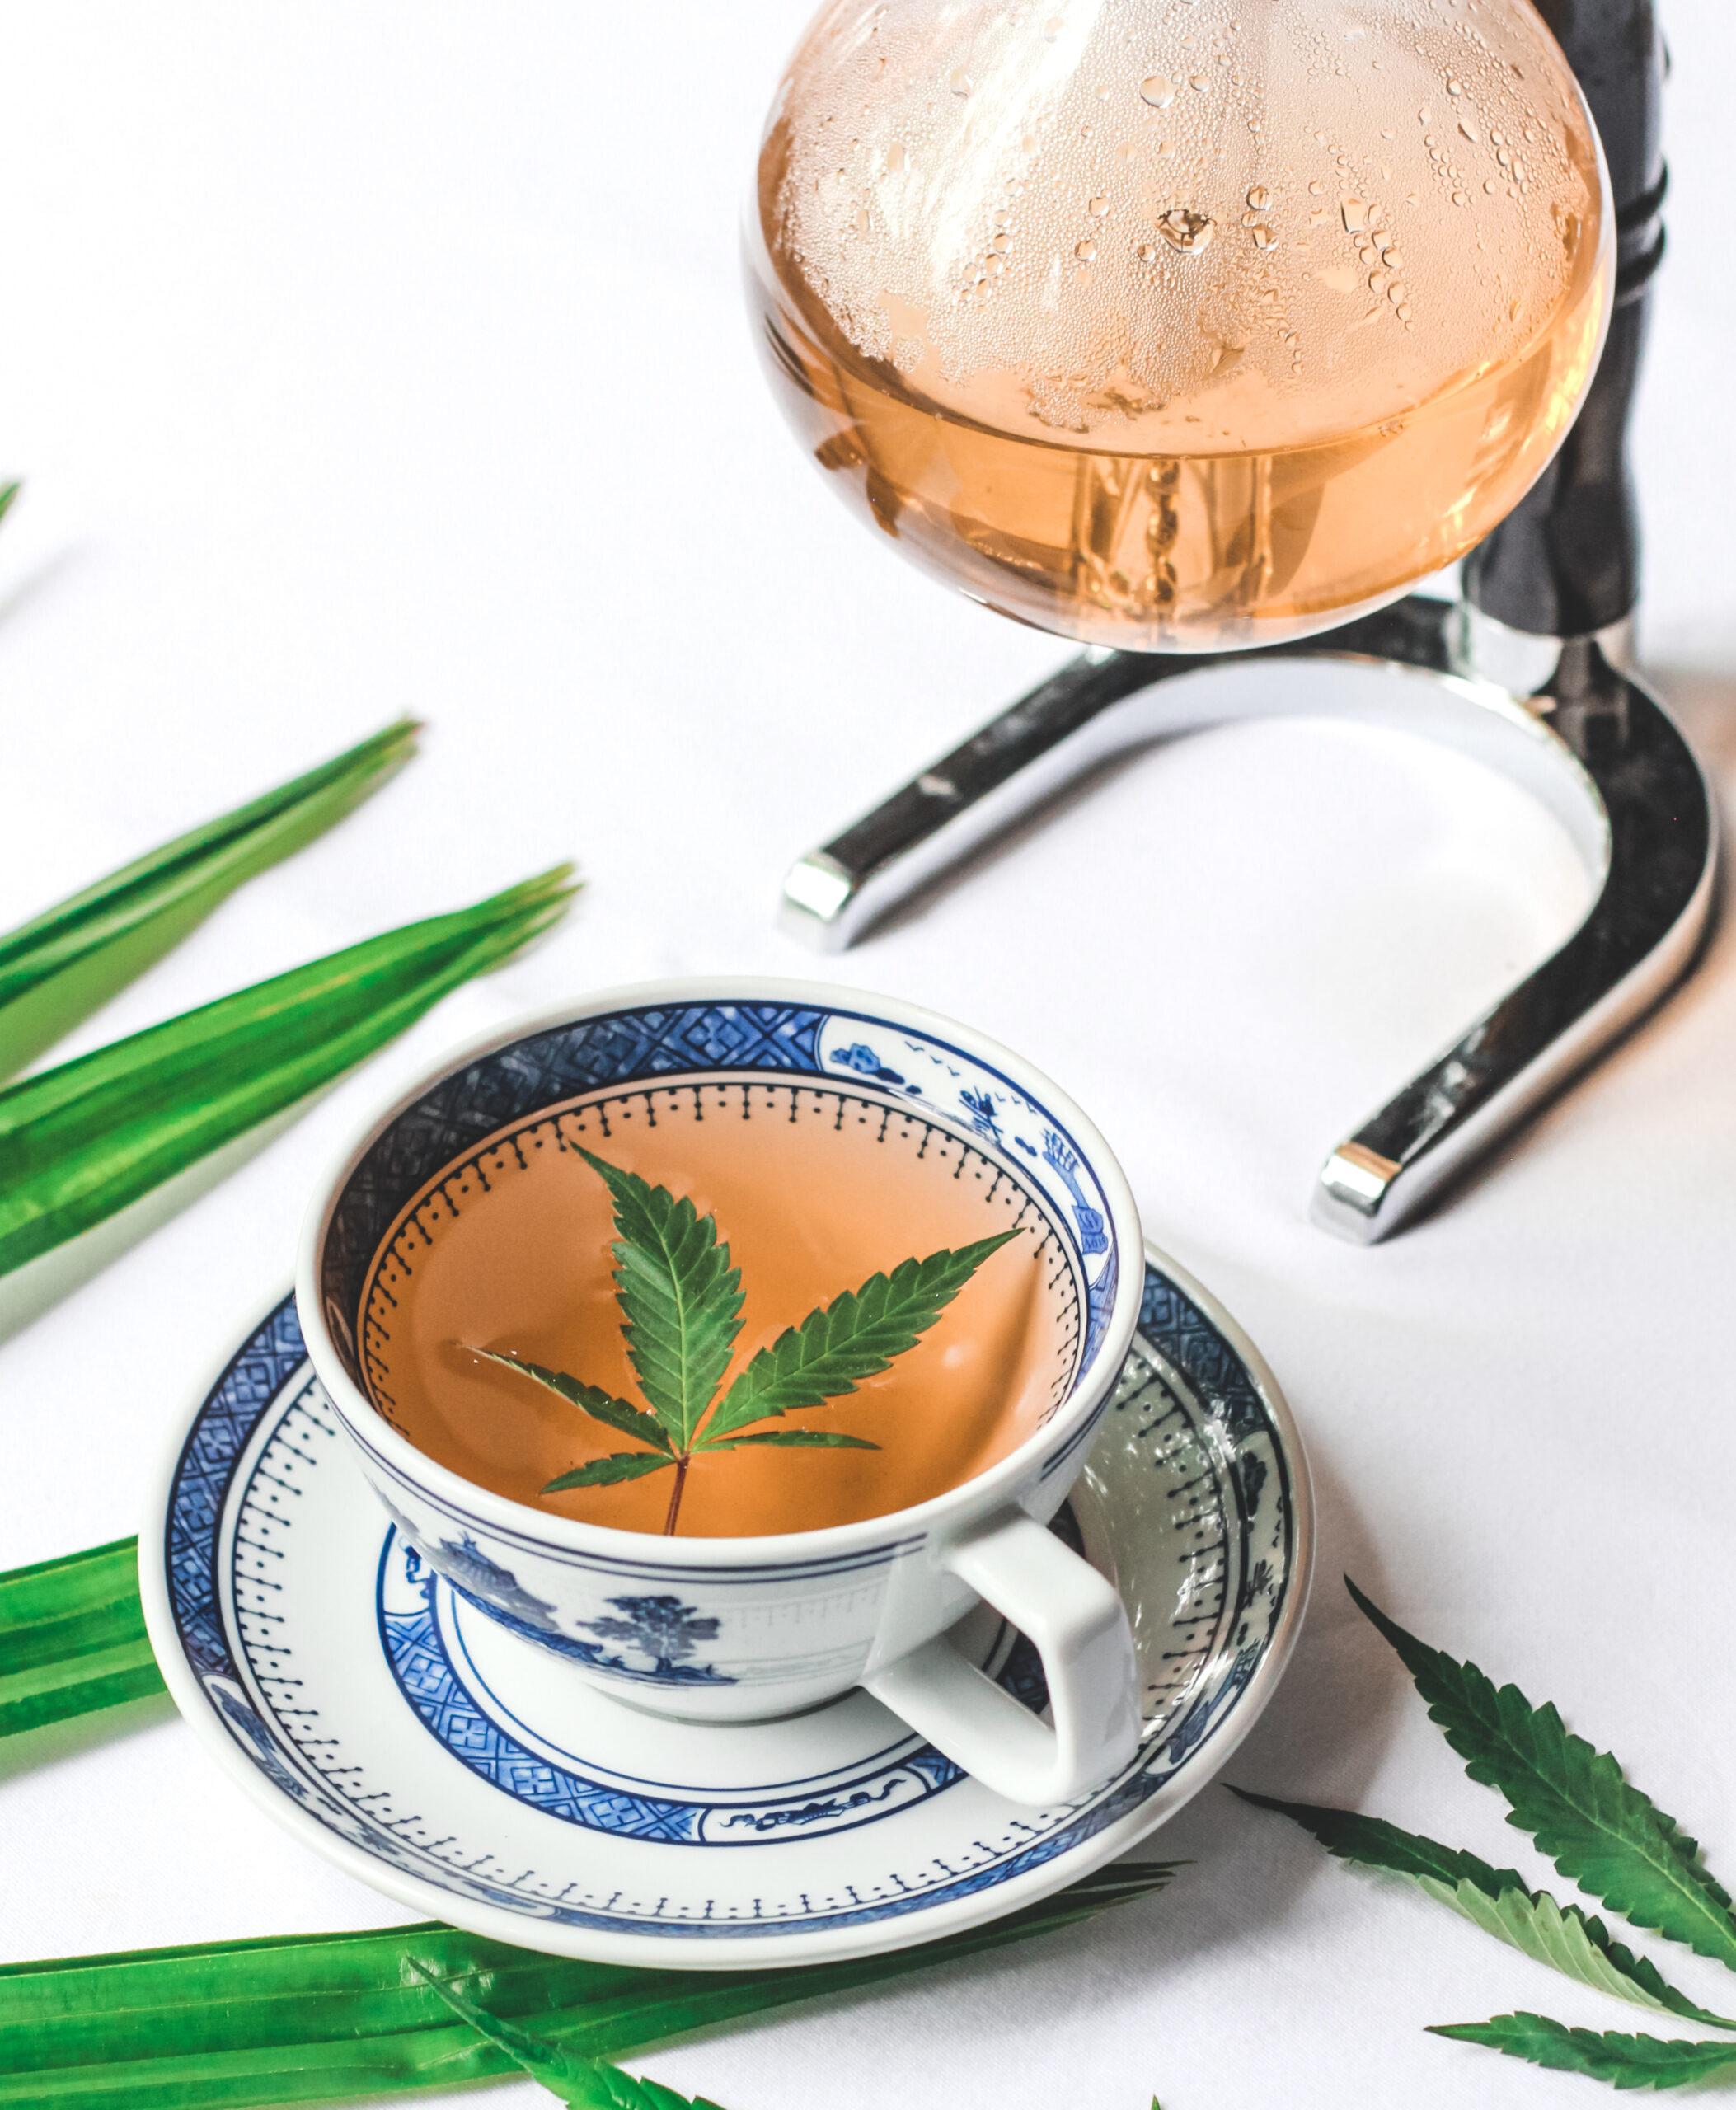 CabDist 1921 scaled Cozinha verde: restaurante tailandês cria menu com infusão de cannabis